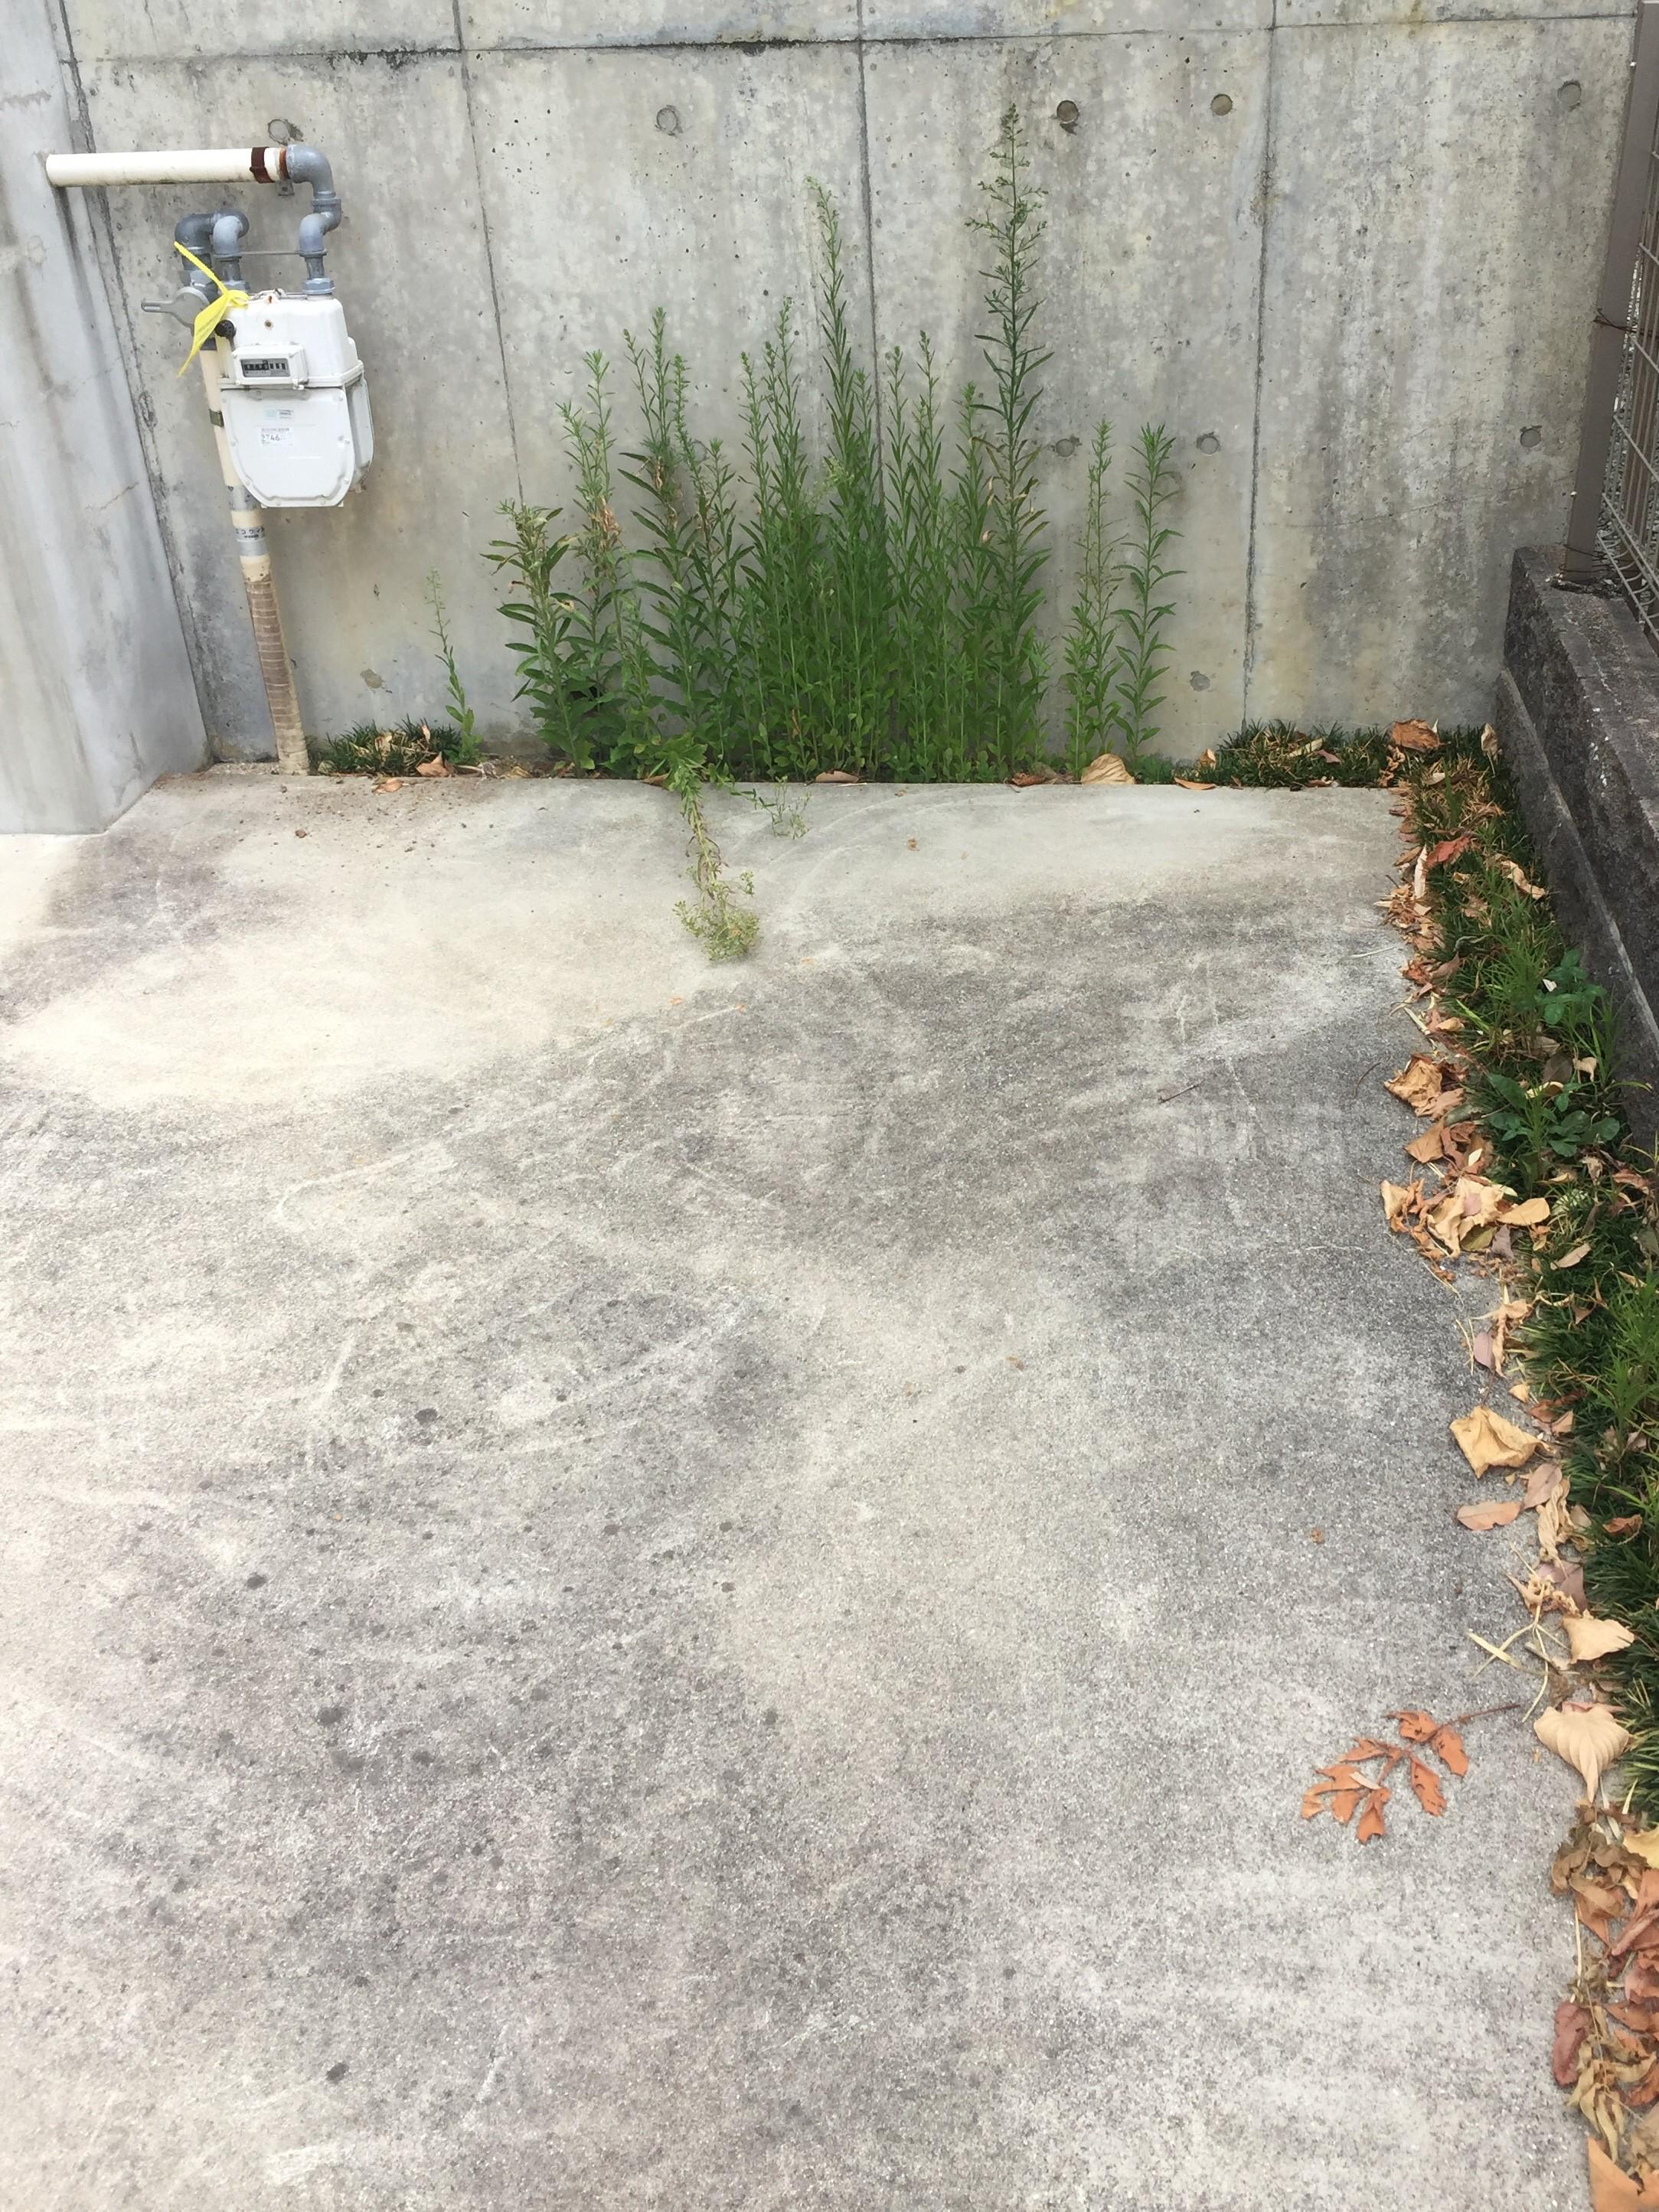 落ち葉清掃・雑草処理・草刈り・草抜き 伊丹ハウスクリーニングおそうじプラスにお任せ下さい!